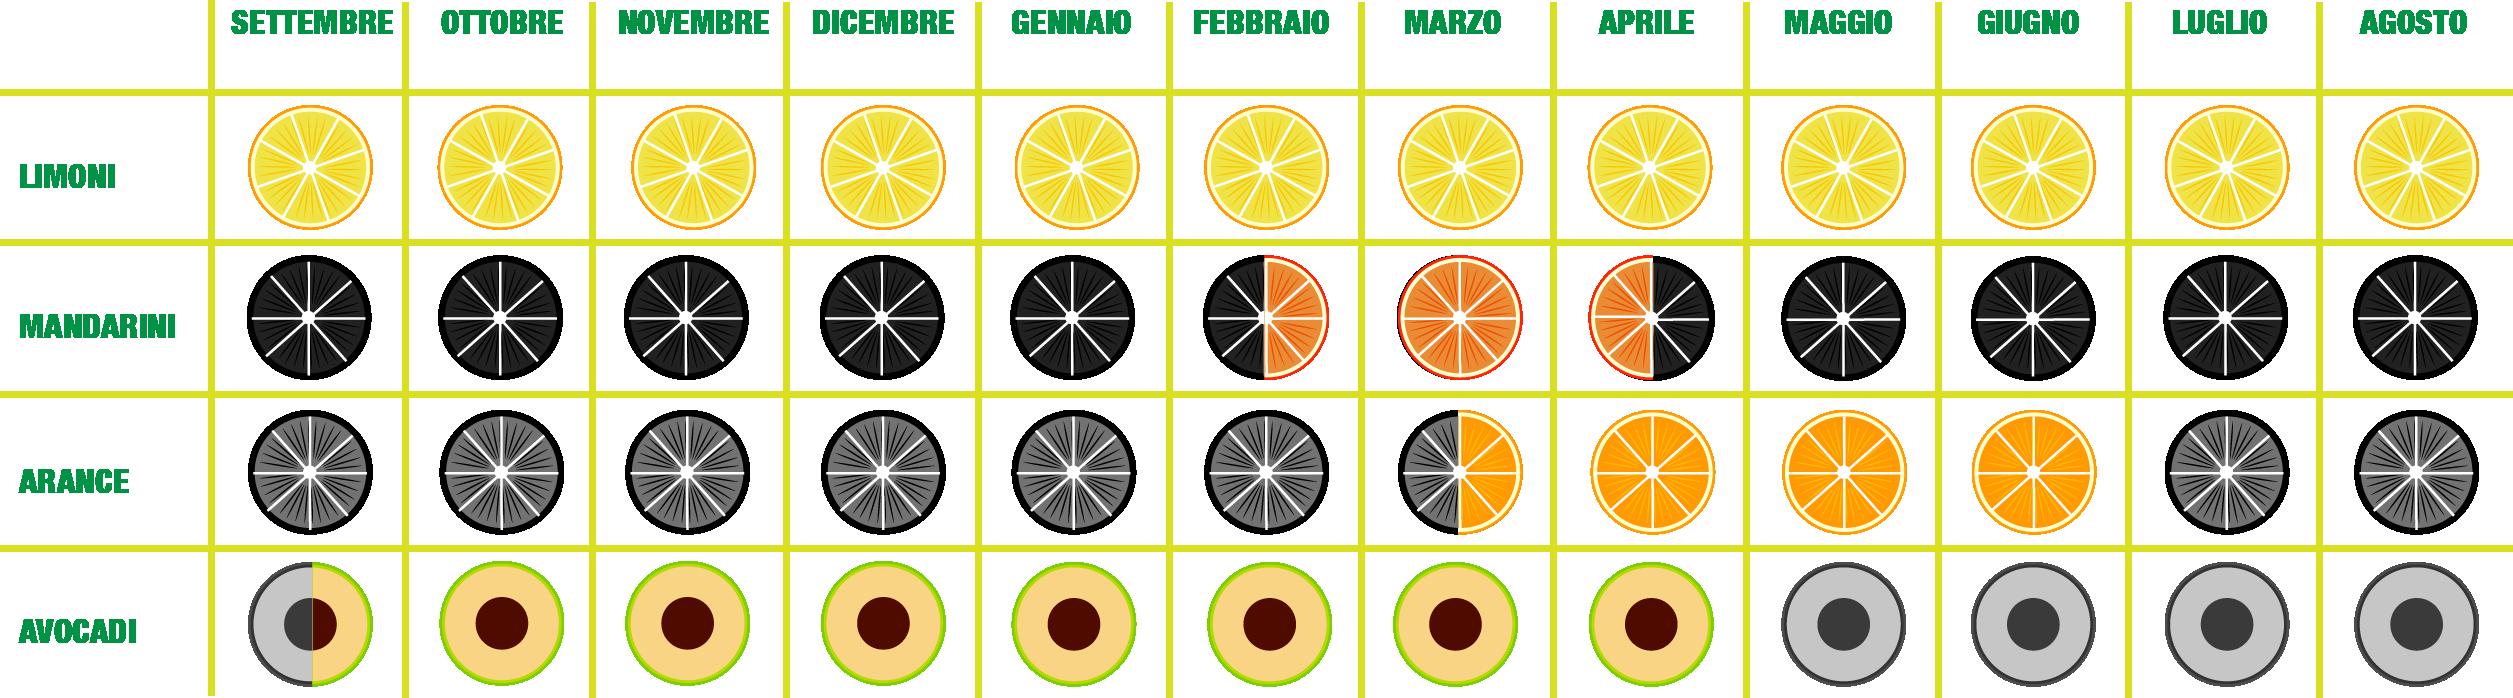 tabella calendario prodotti bio